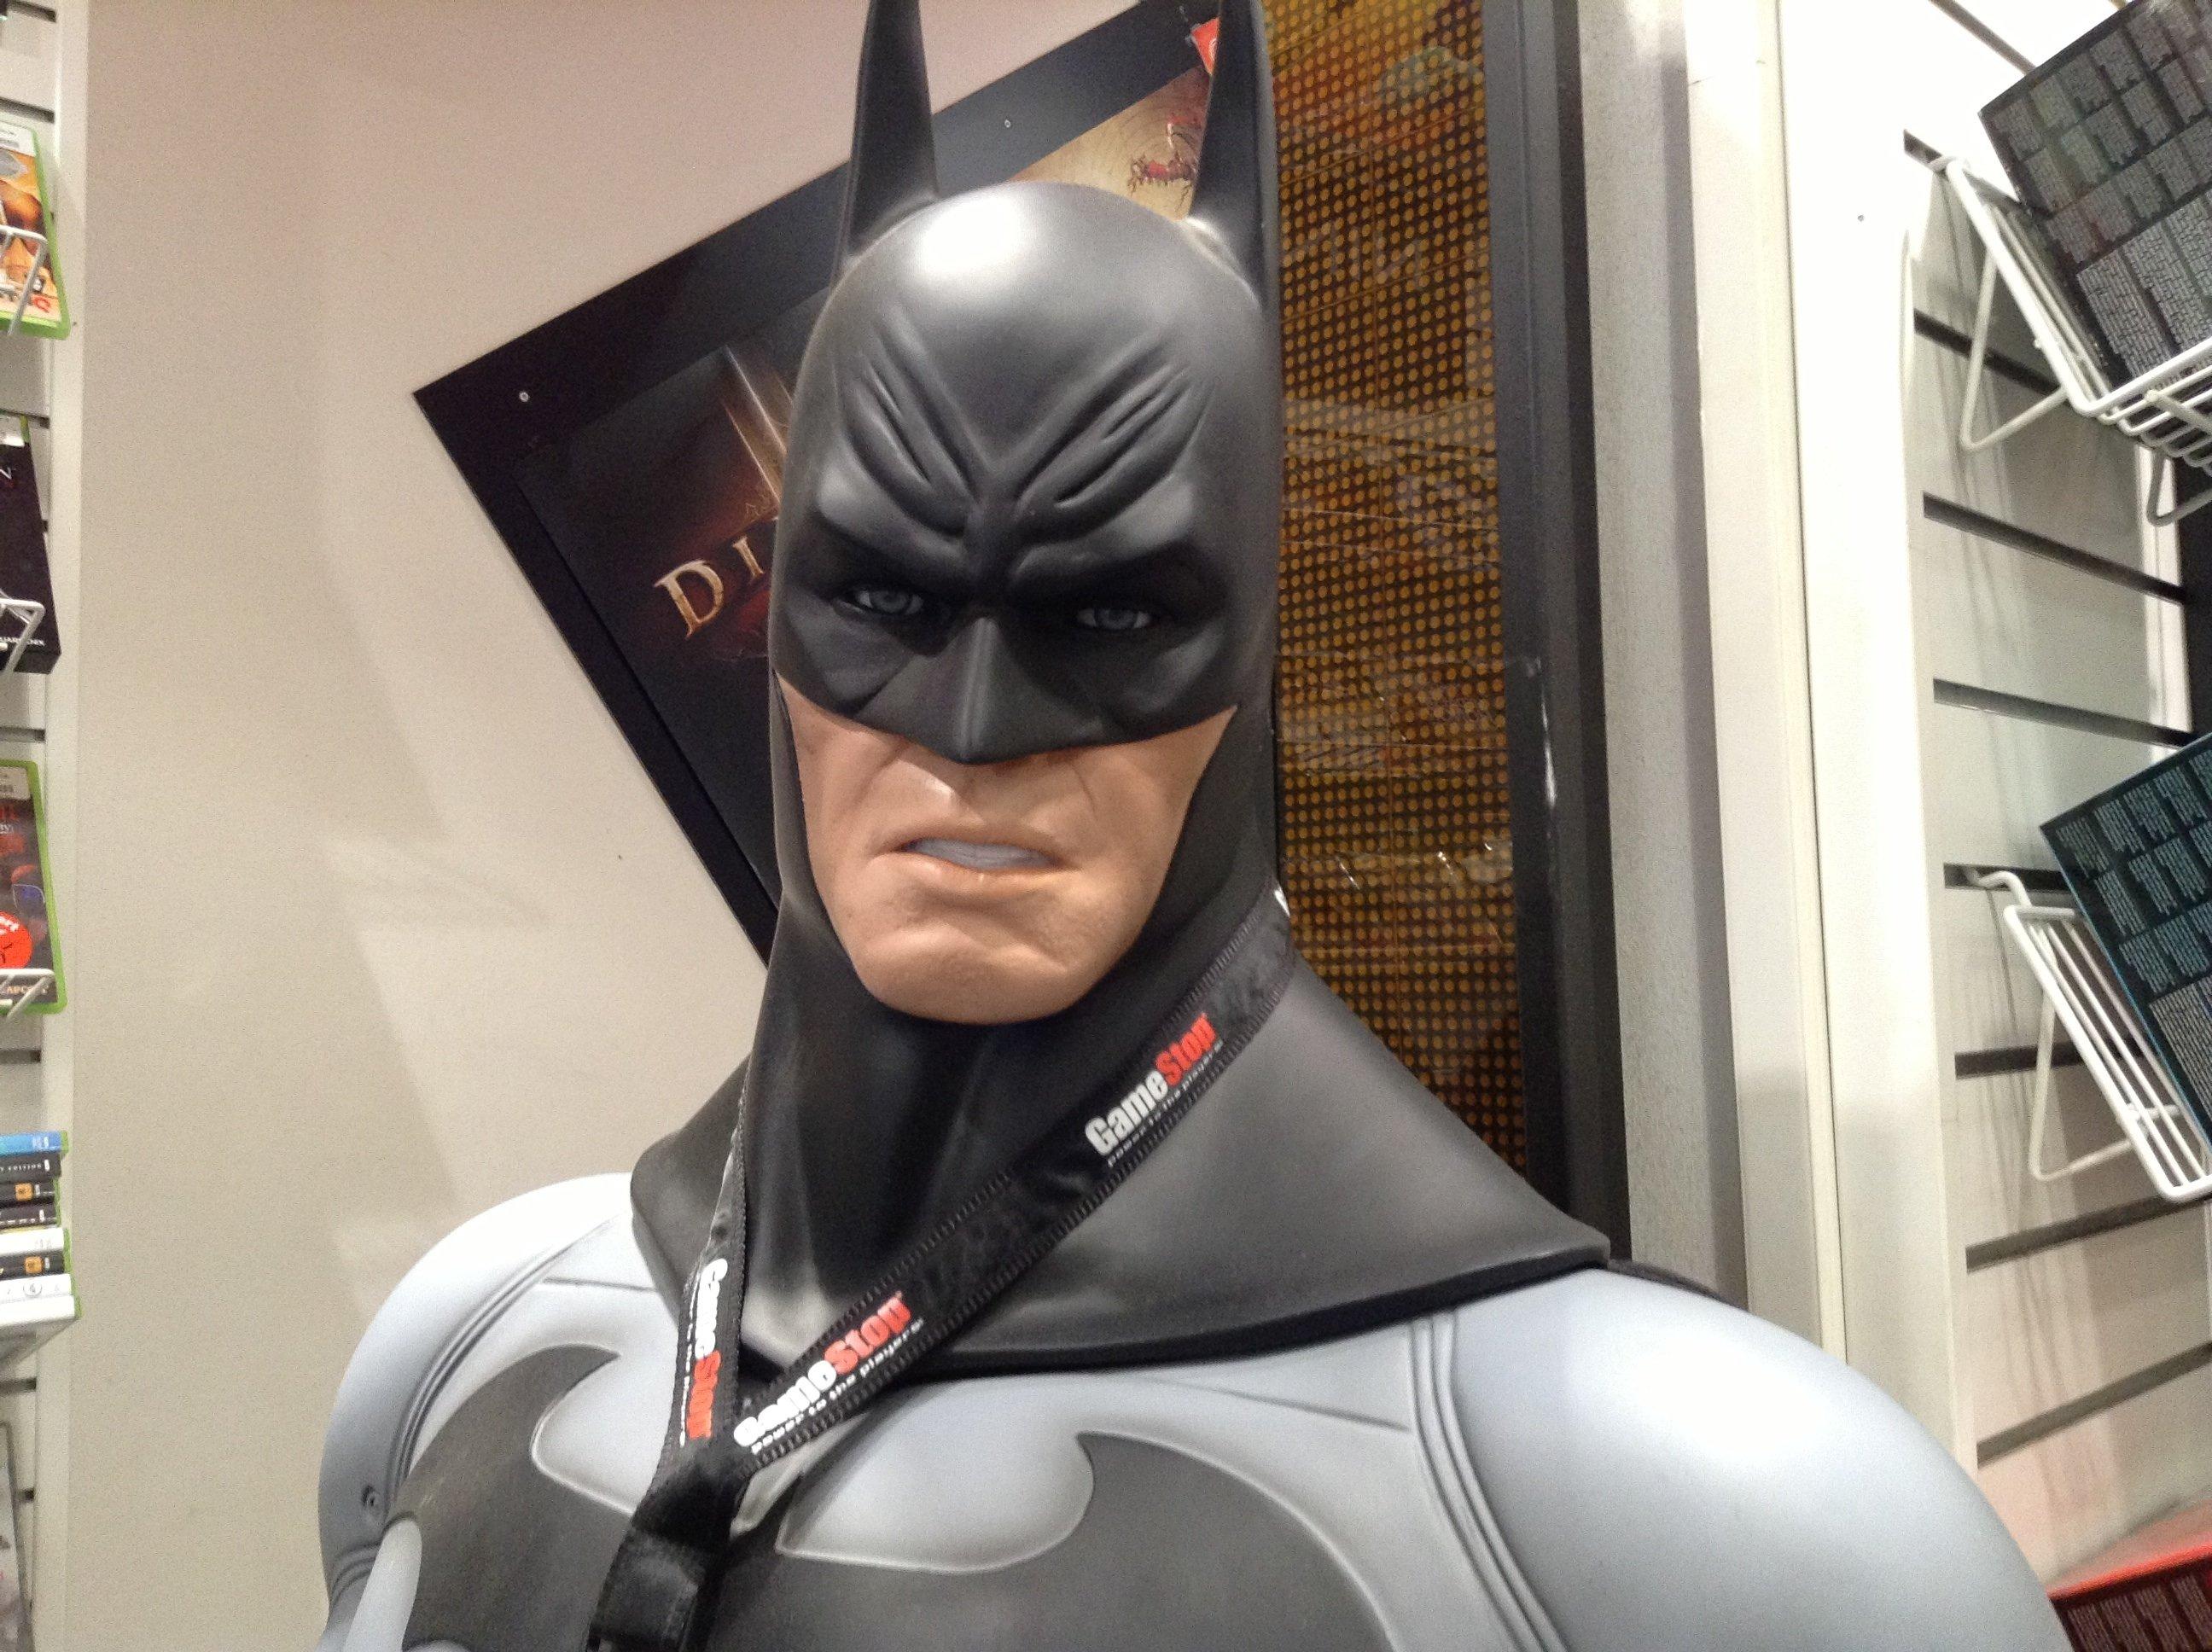 Бэтман из Кельнского GameStop смотрит на нас как тот Ведьмак с E3 - Изображение 1